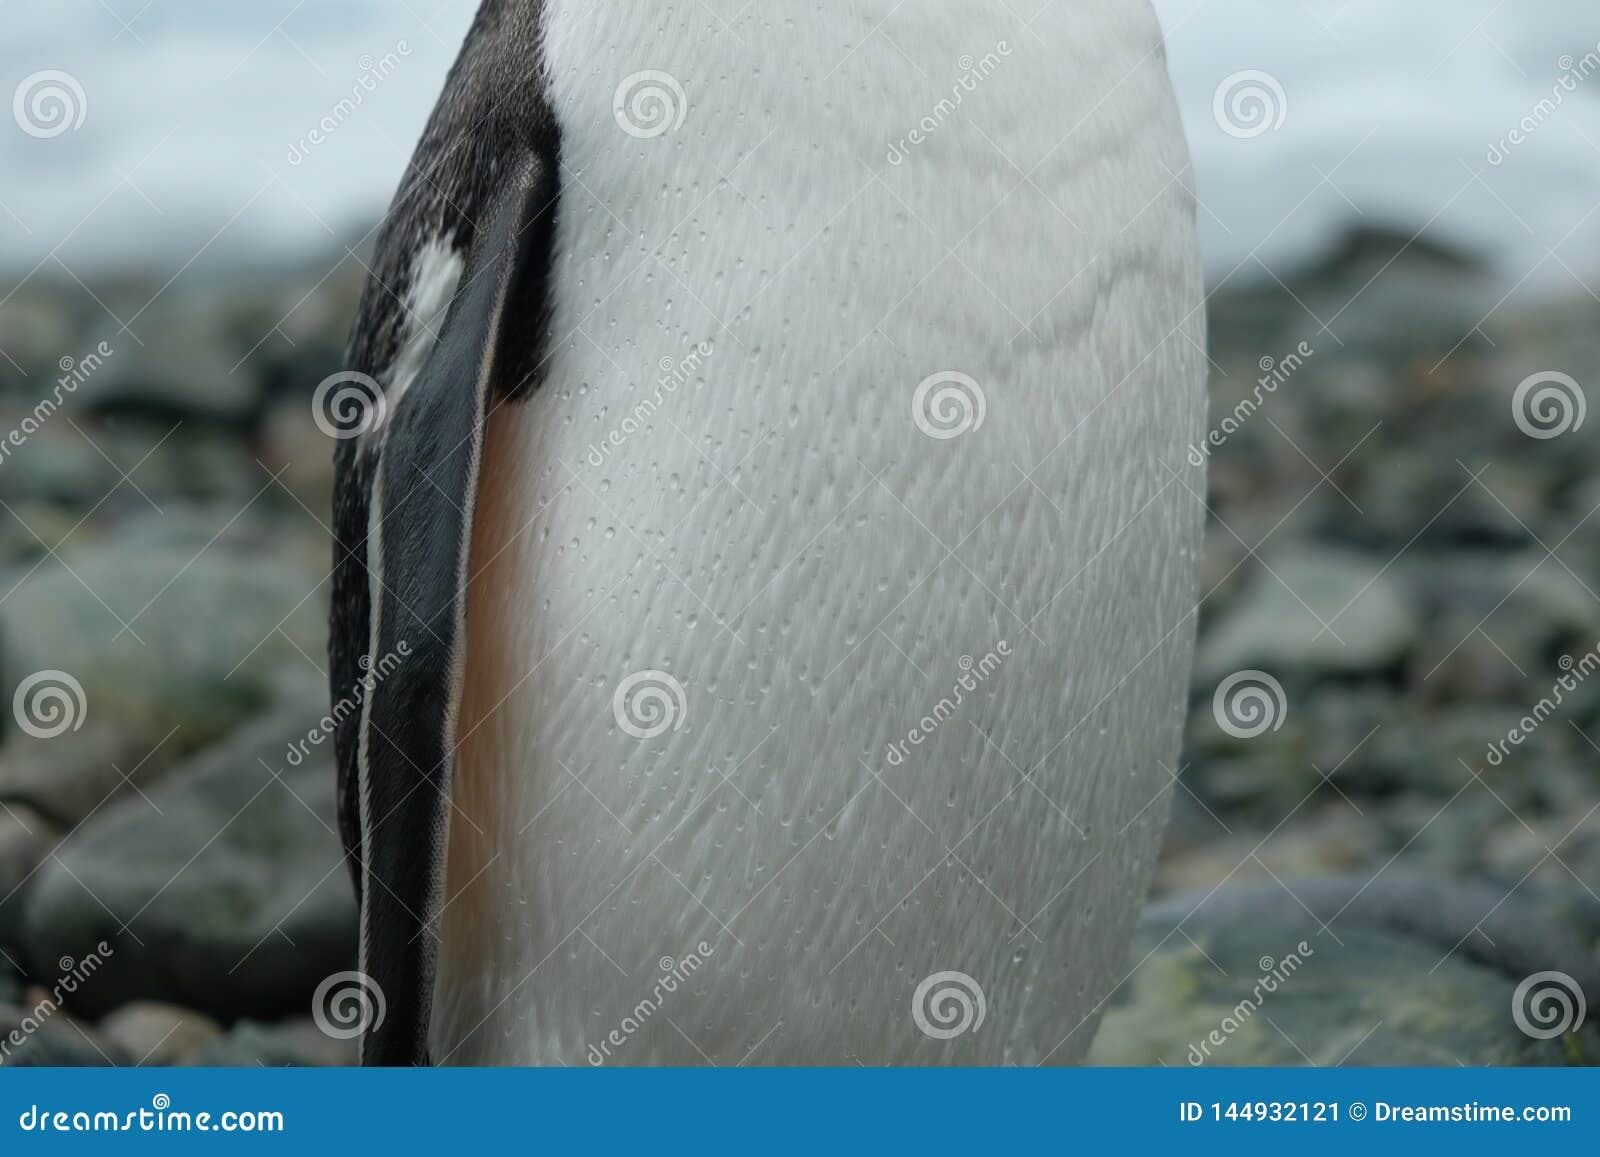 O pinguim da Antártica Gentoo está na praia rochosa com gotas da água em penas